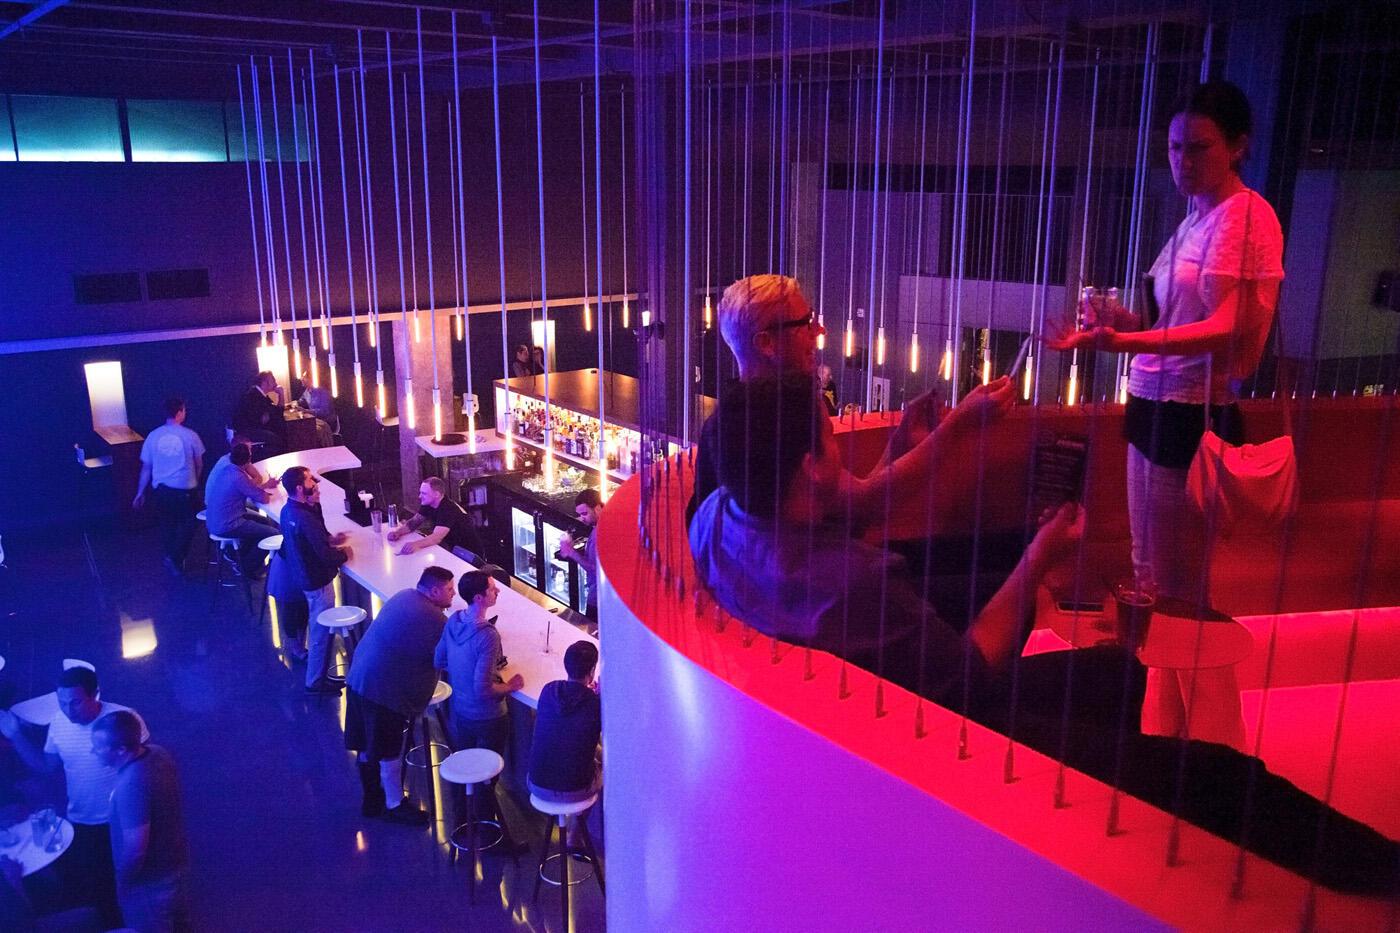 夜·西雅图特色 Q Nightclub 酒吧设计